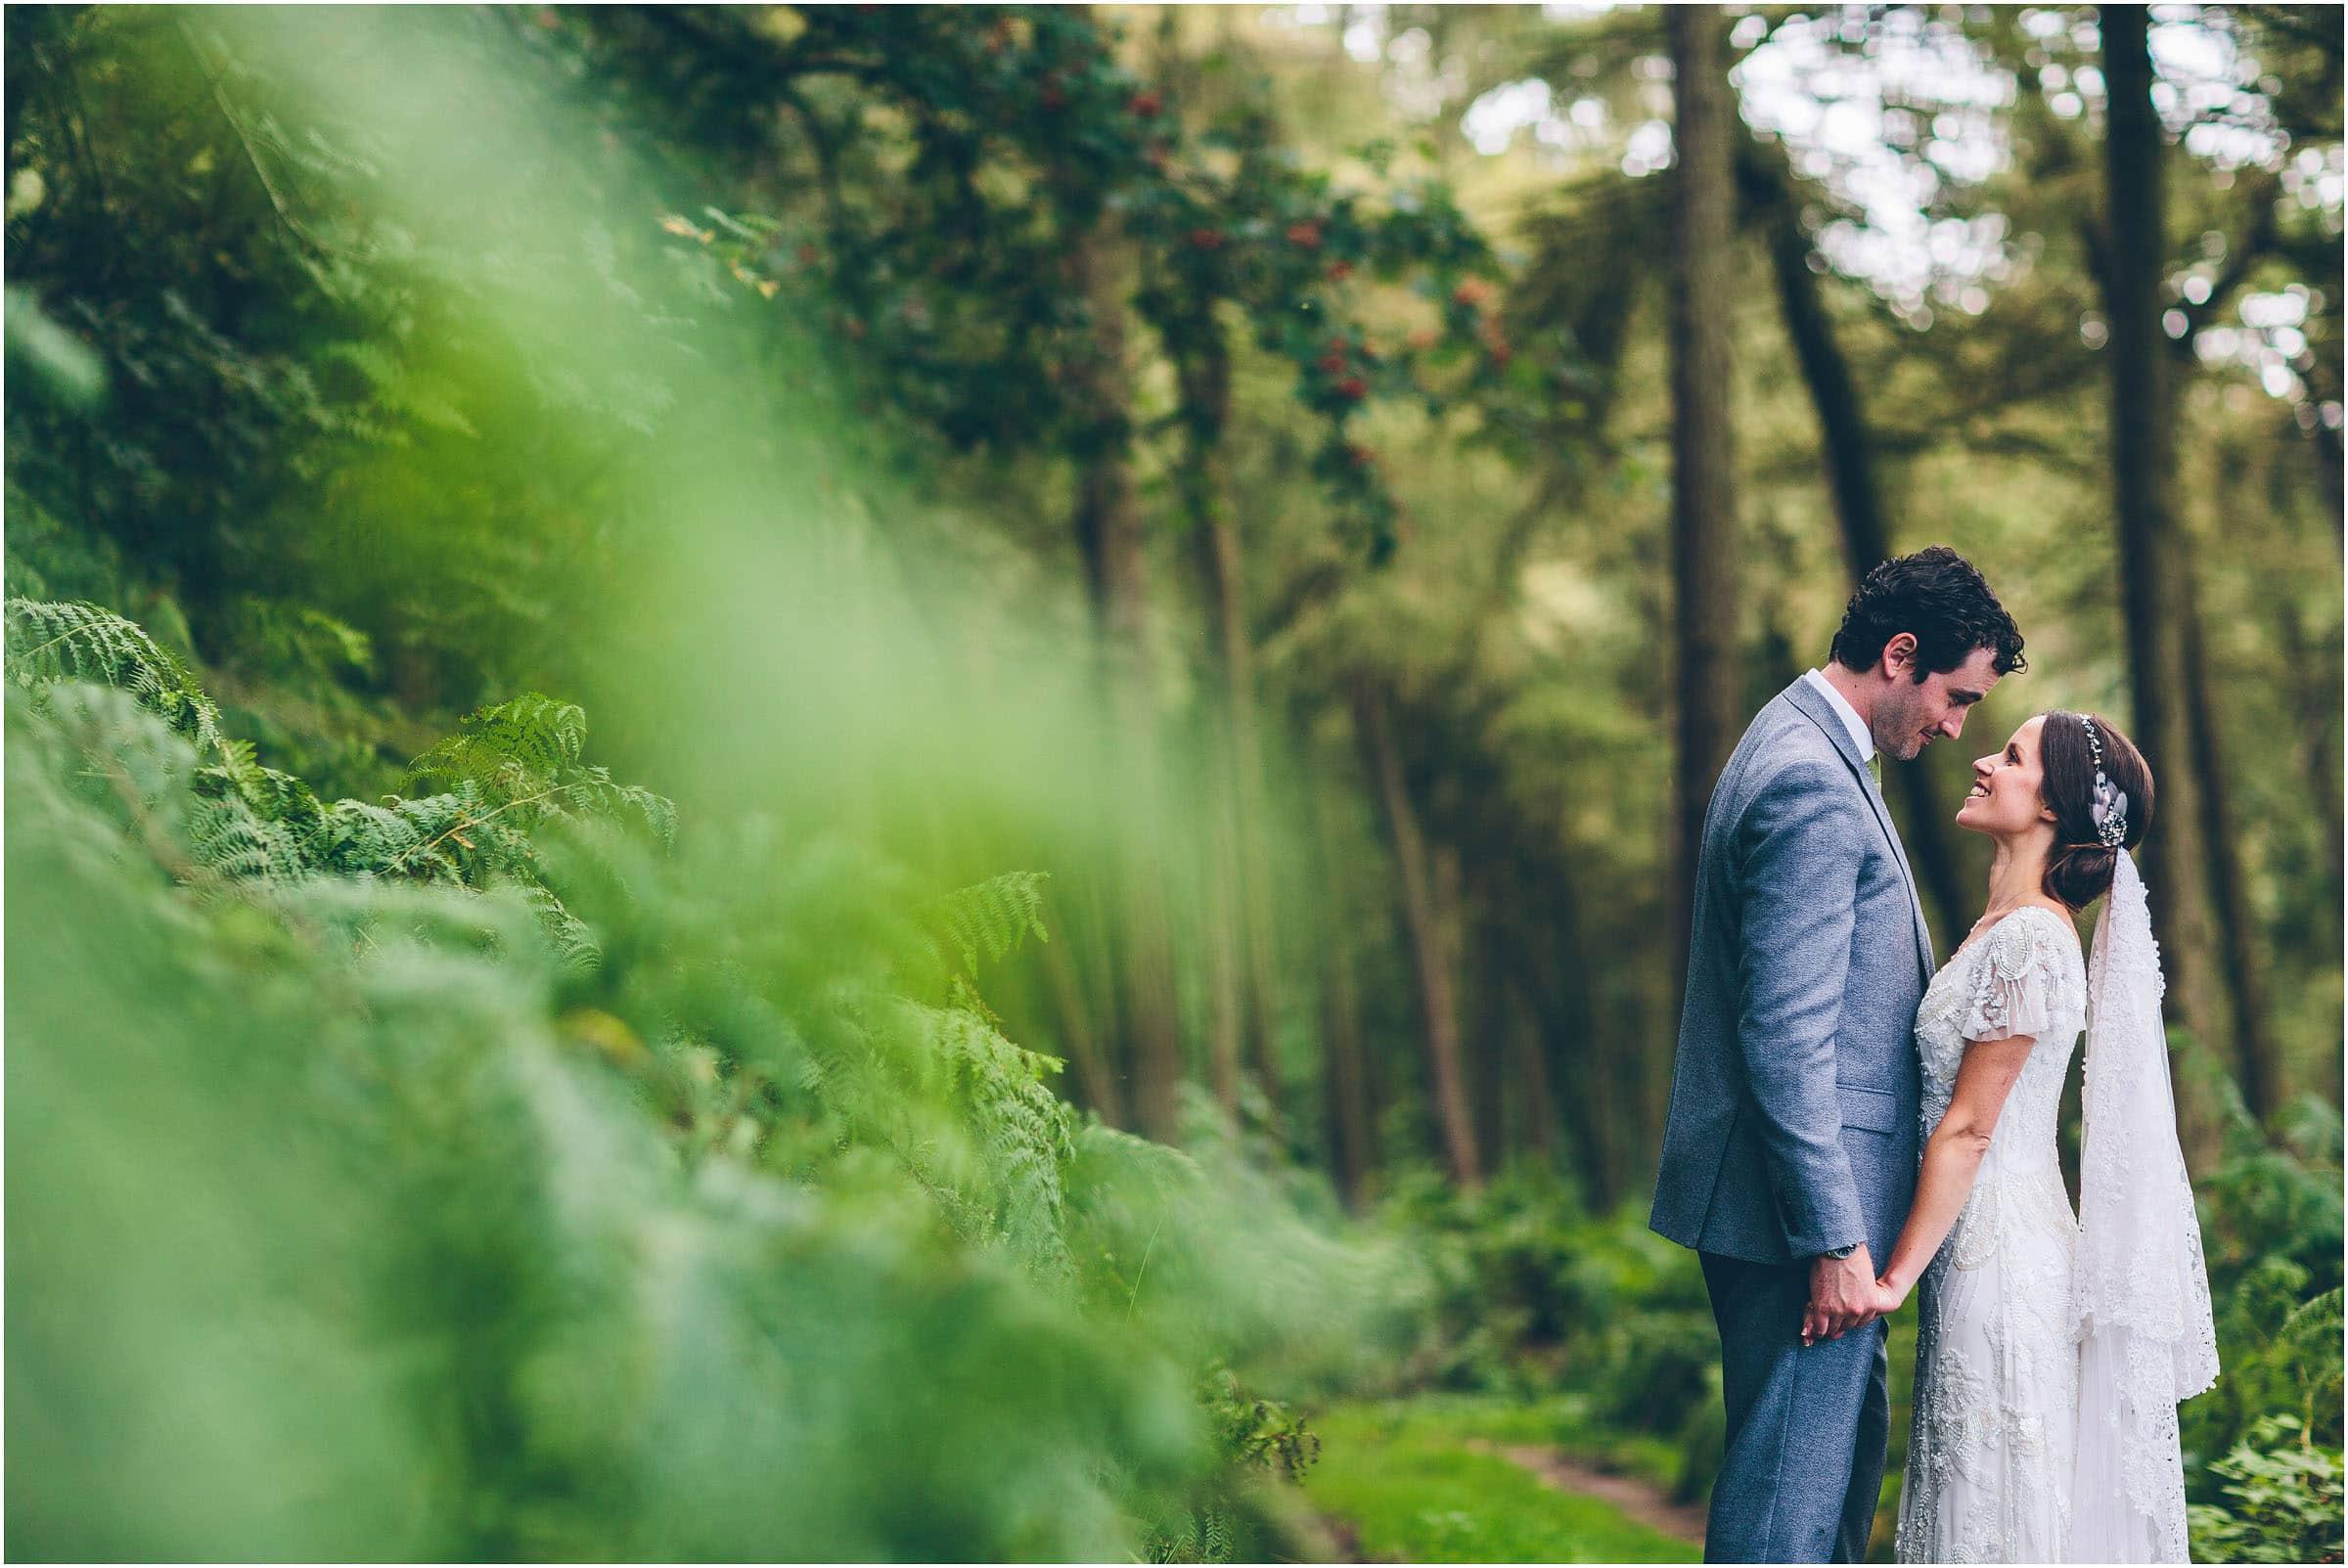 Harthill_Weddings_Wedding_Photography_0084